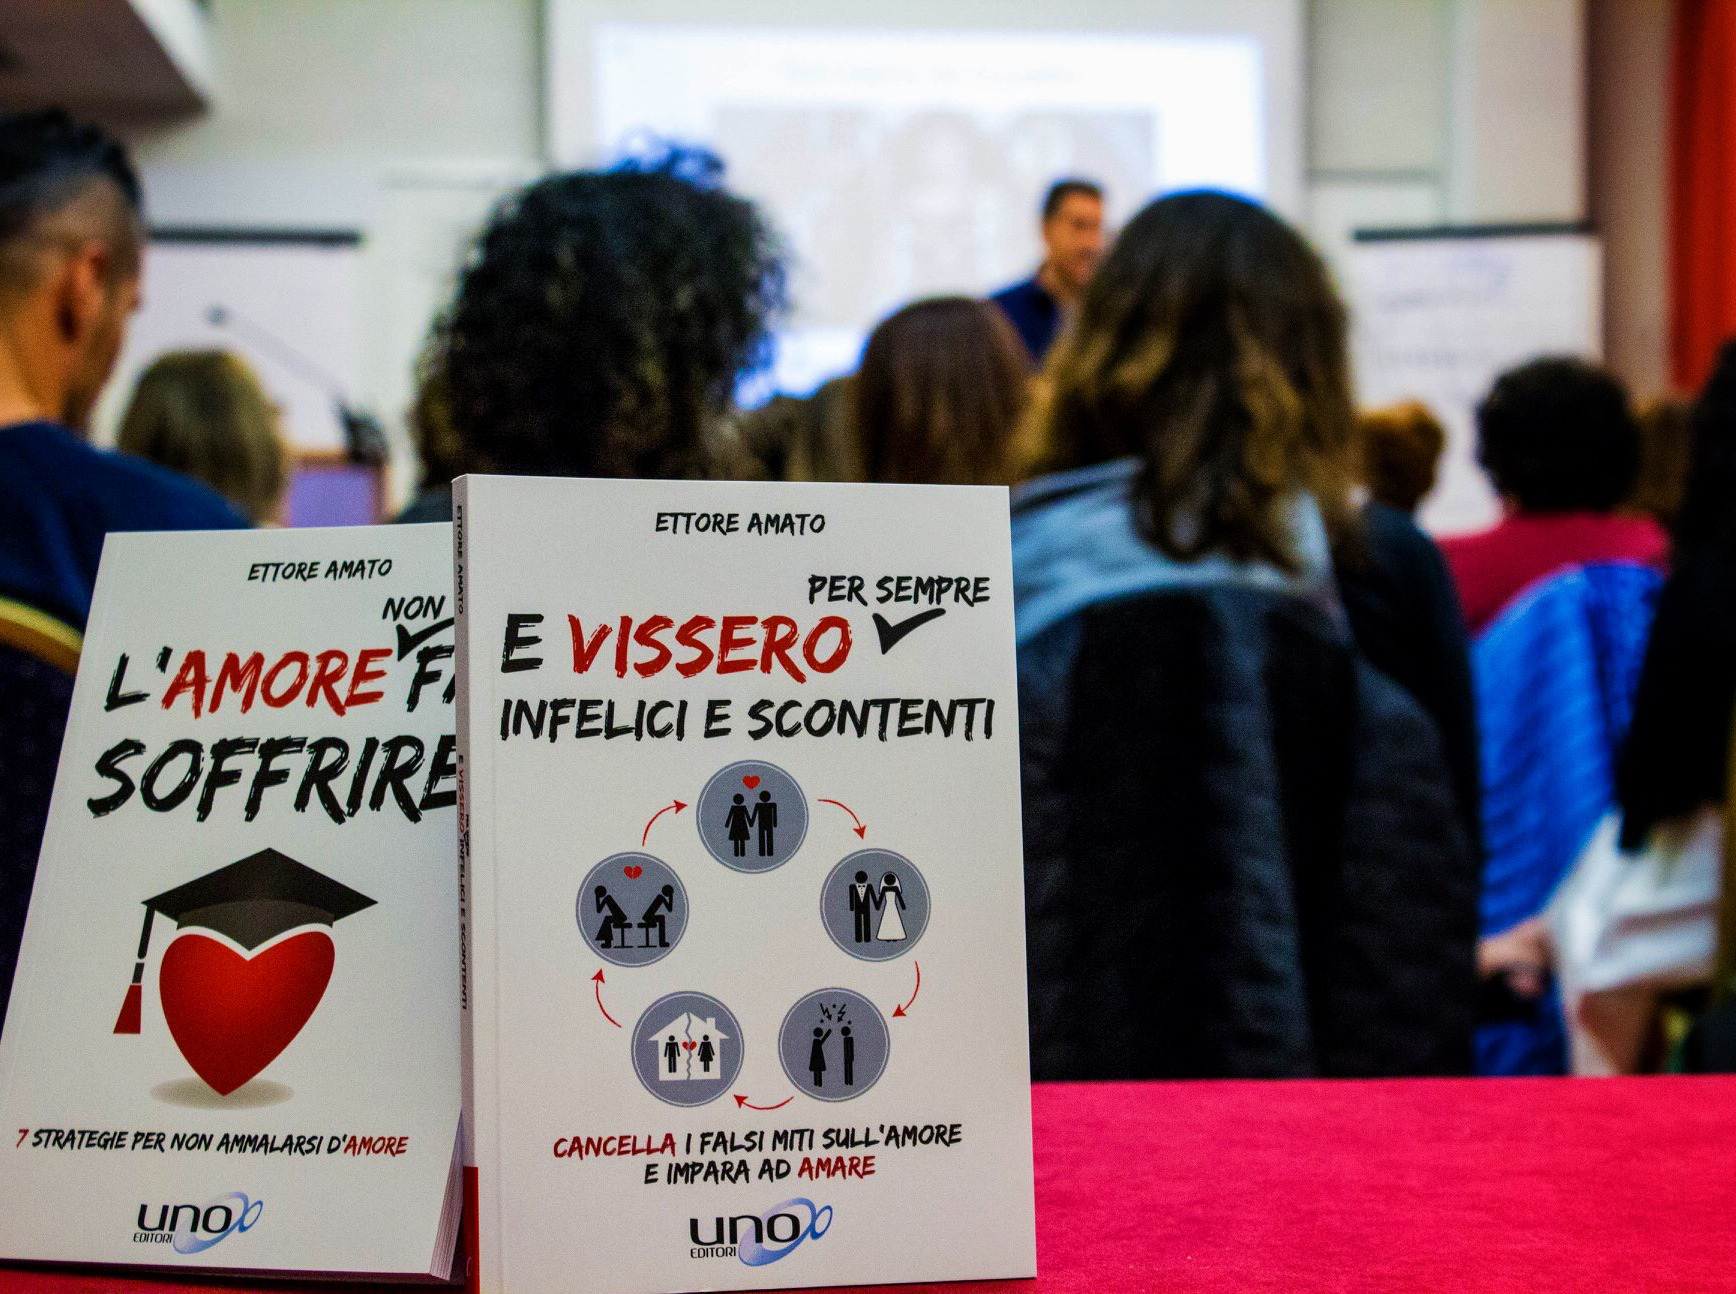 Ettore Amato Libri